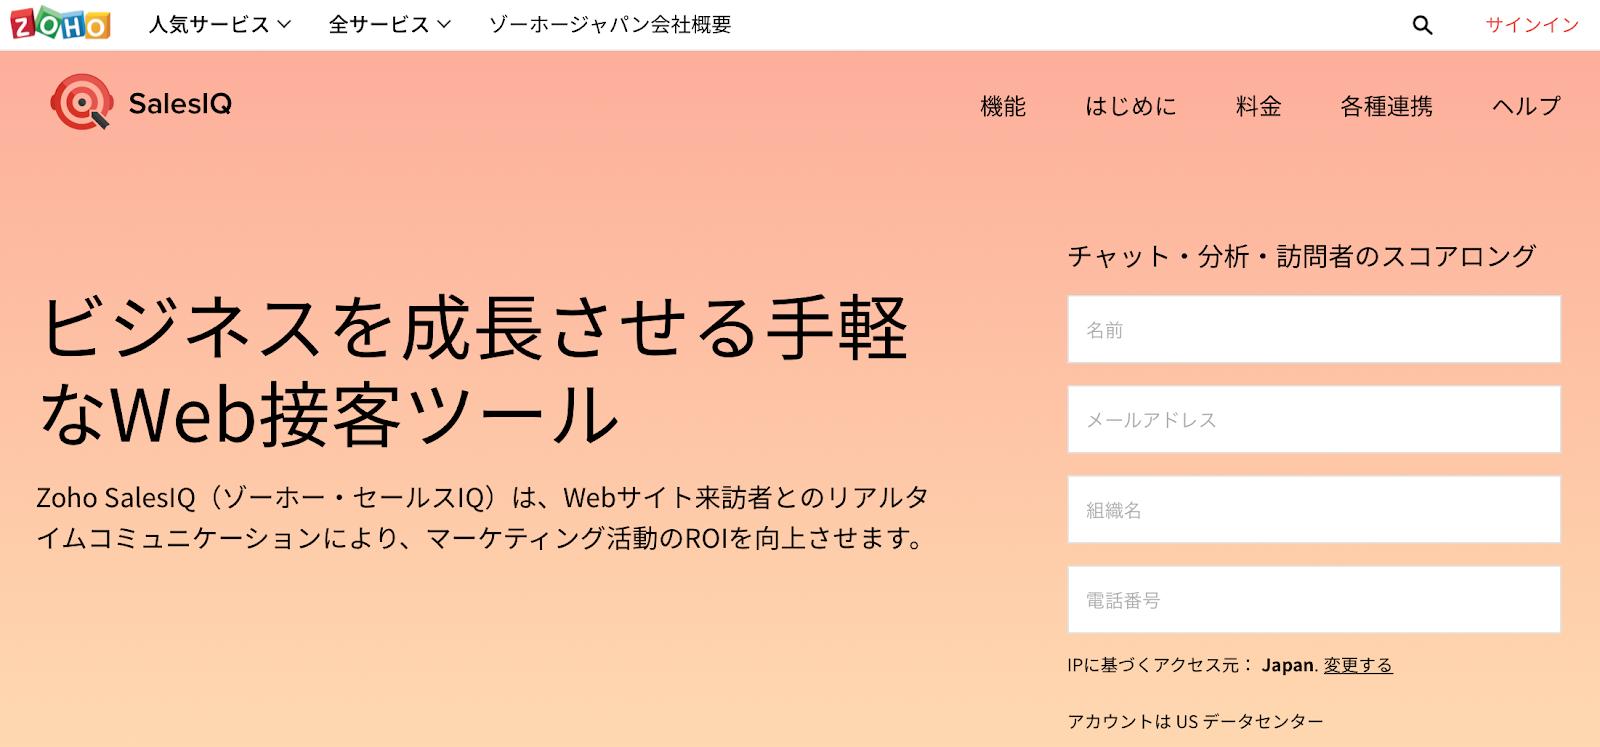 65_webcs_2.png